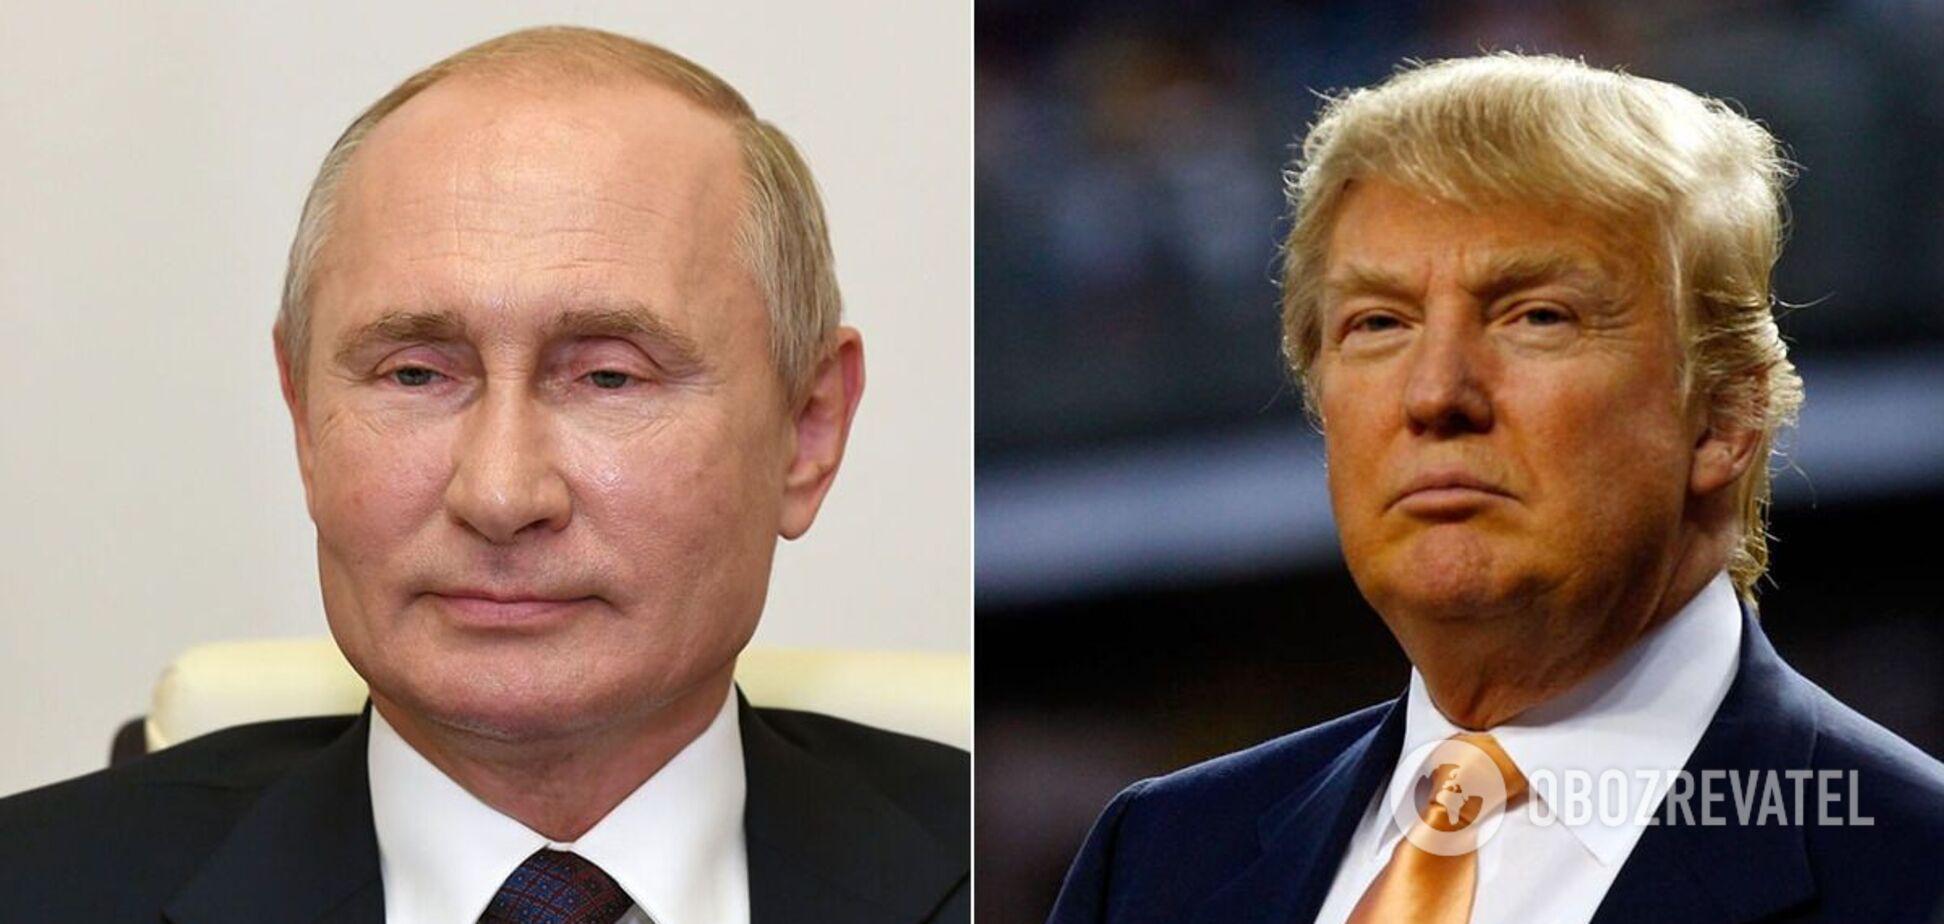 Путин, Билли Айлиш и Трамп выдвинуты на престижную премию в номинации 'Человек года'